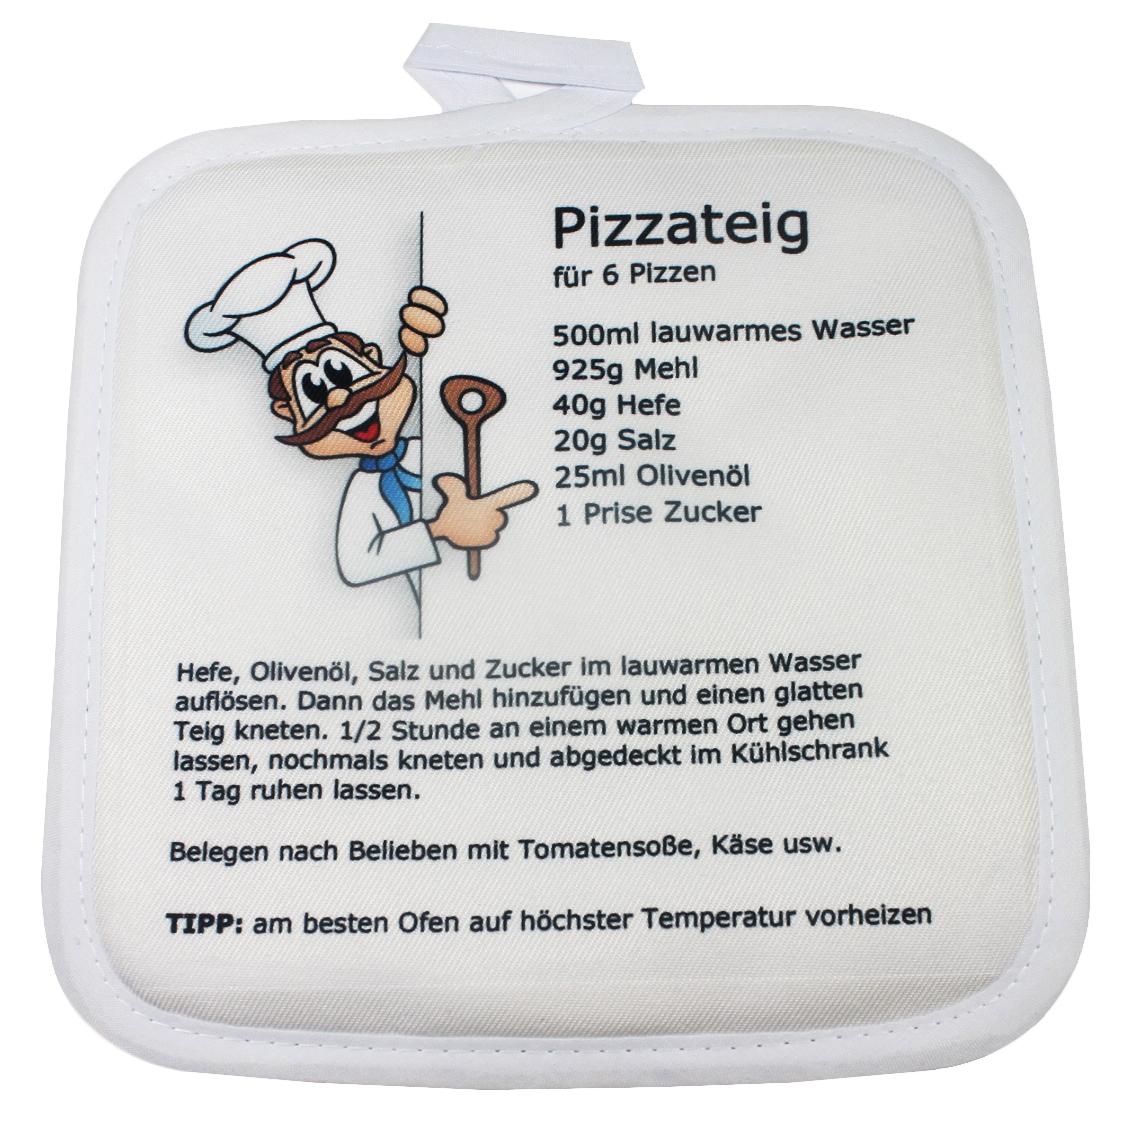 Topflappen mit Rezept Pizza Pizzateig